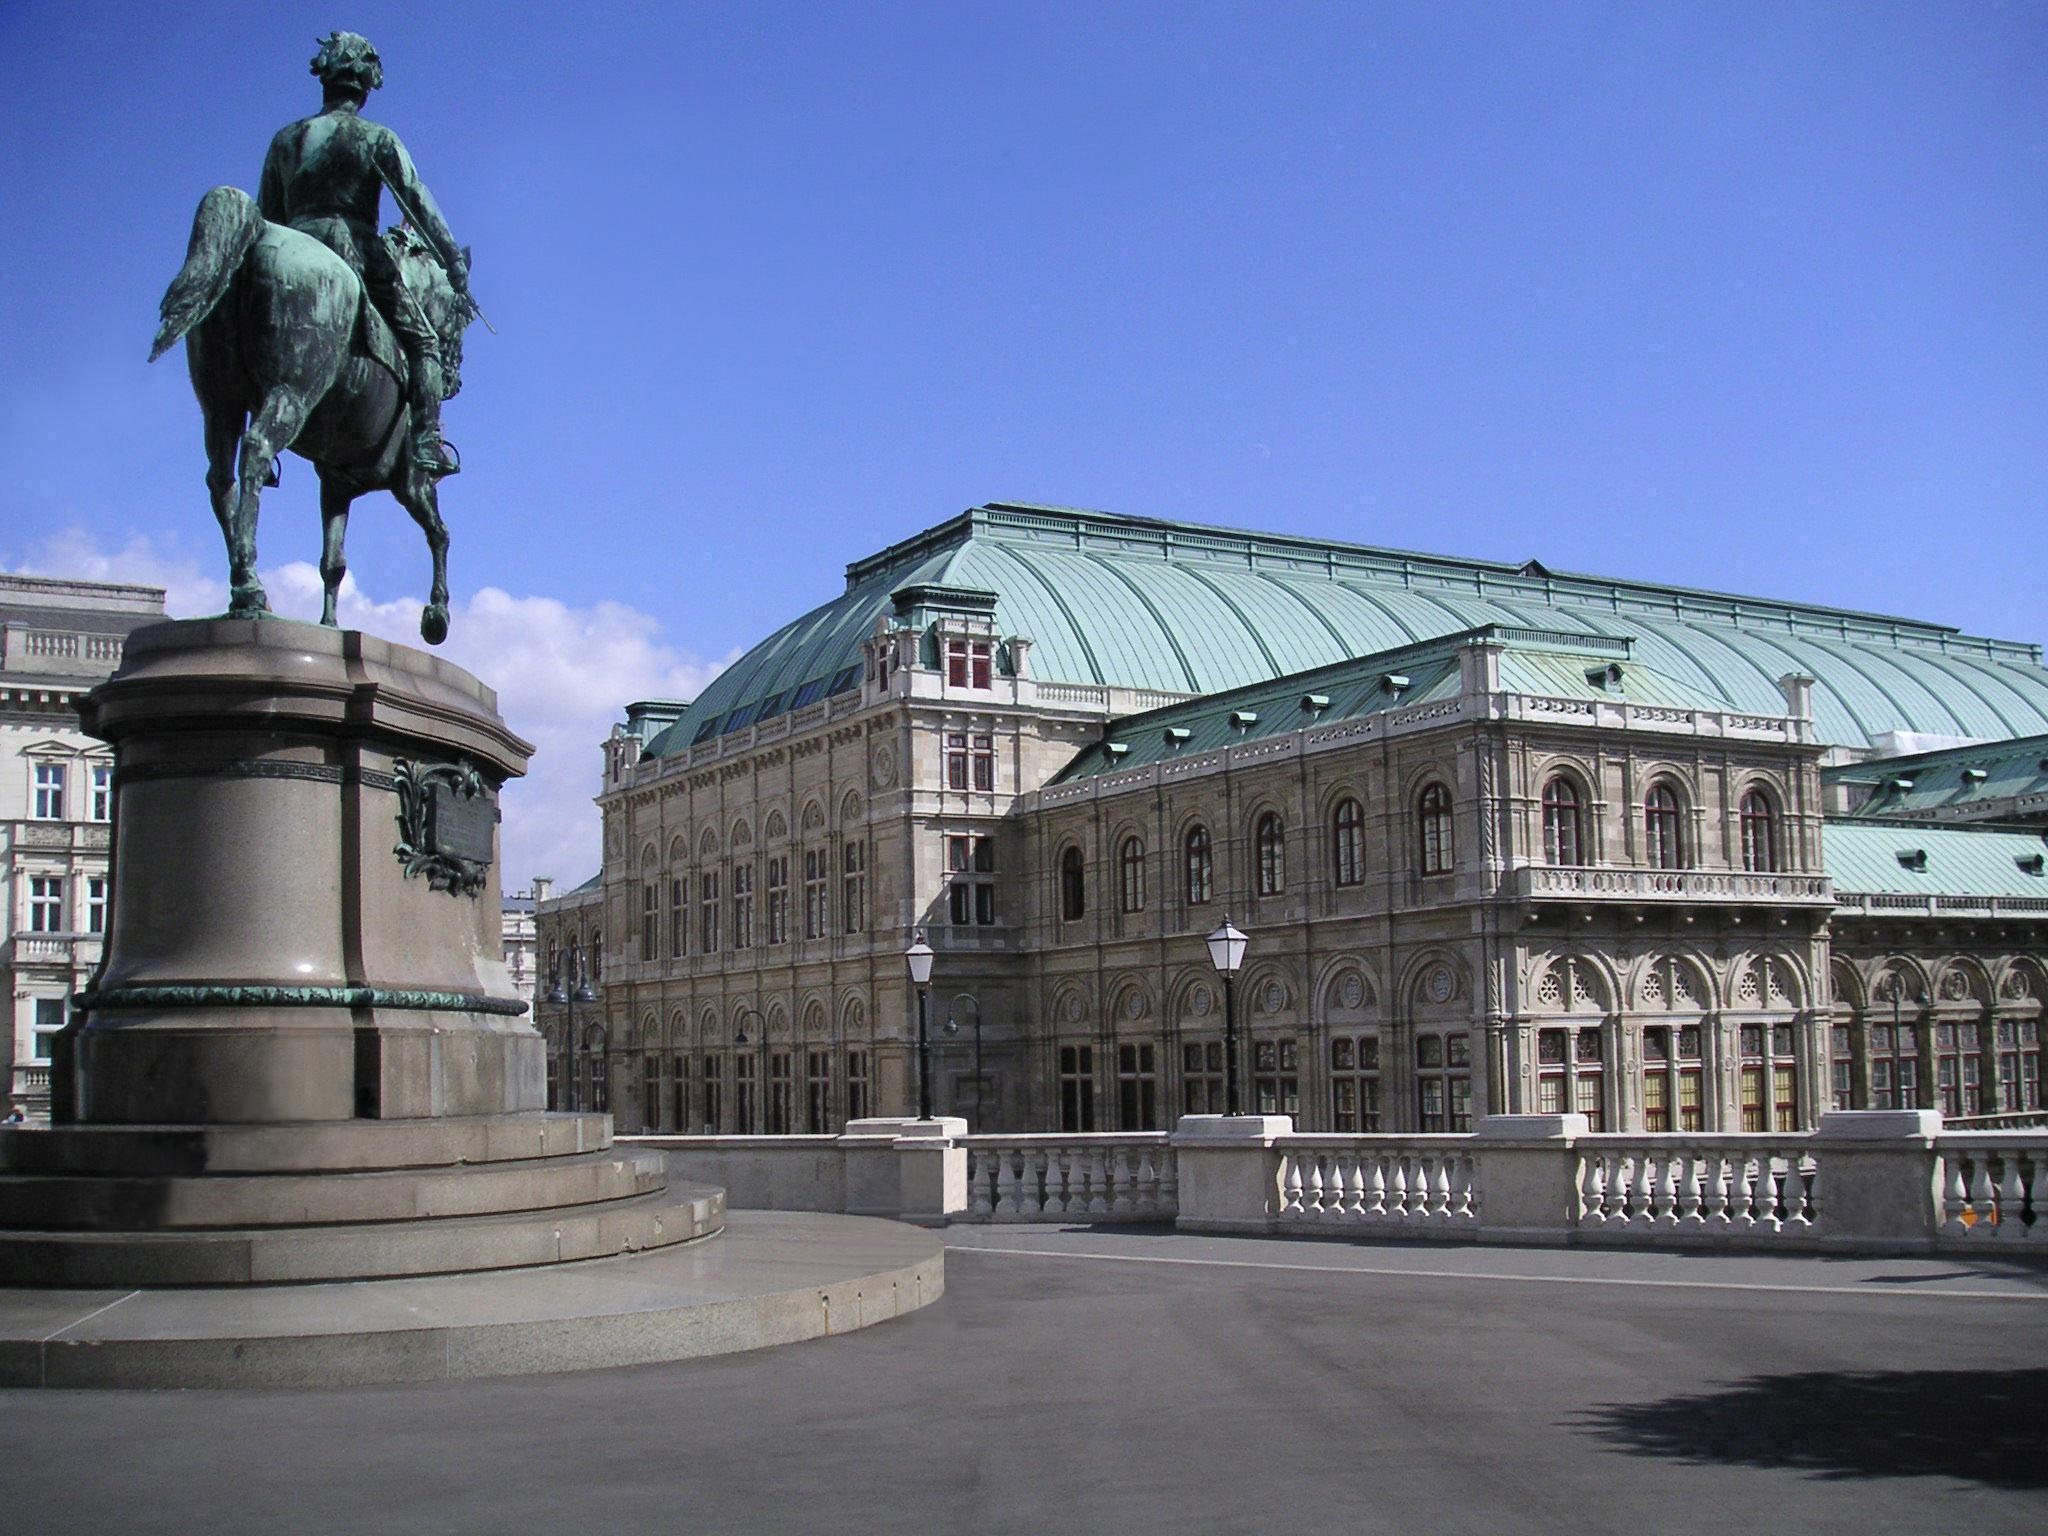 Fotografije glavnih gradova sveta - Page 3 Opera-Vienna-Austria-2005